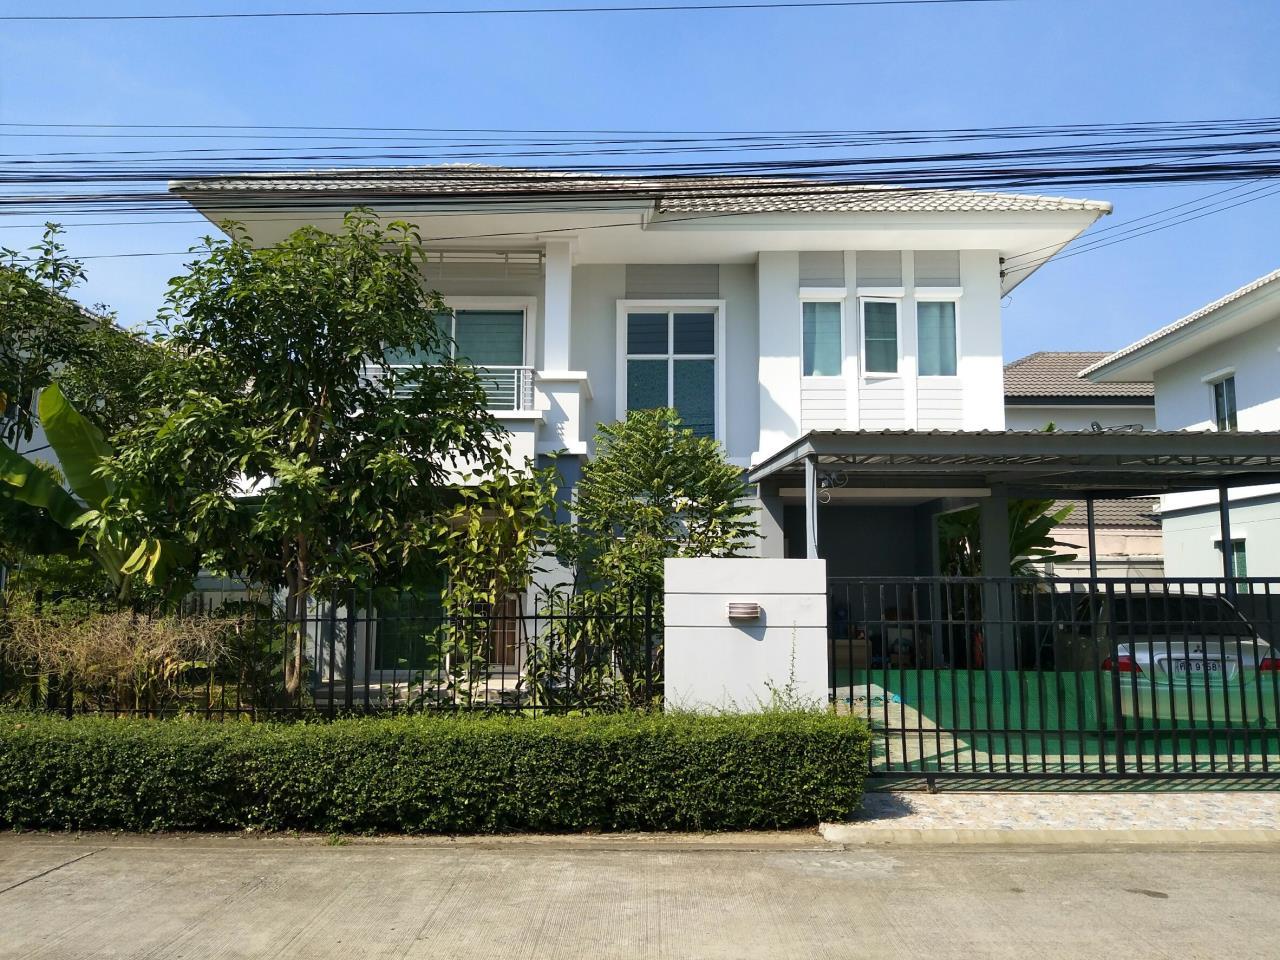 ขาย บ้าน แขวงวังทองหลาง เขตวังทองหลาง กรุงเทพมหานคร, ภาพที่ 2